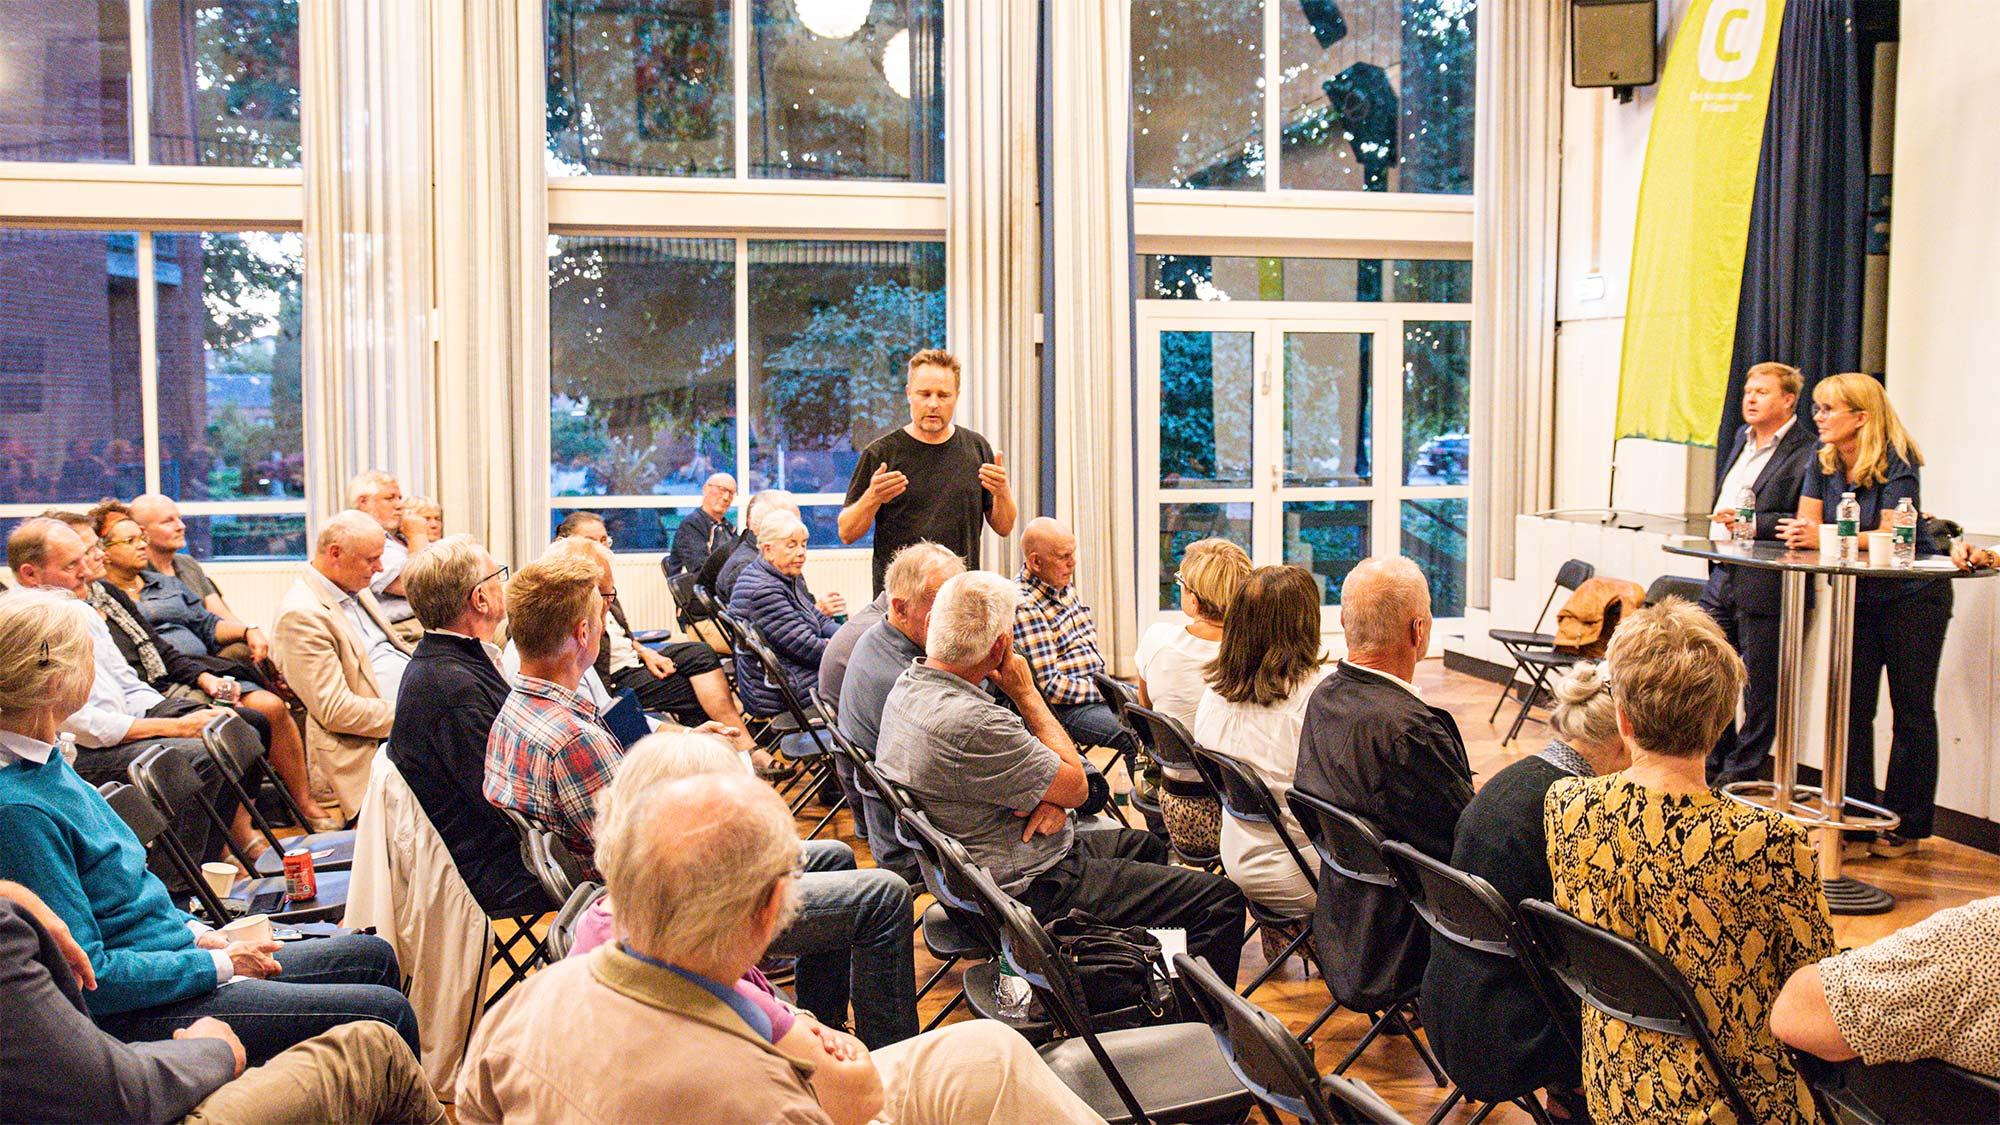 Er kommunesammenlægninger en fordel eller en ulempe? Tilhørerne deltog aktivt i debatten. Foto: HAS.